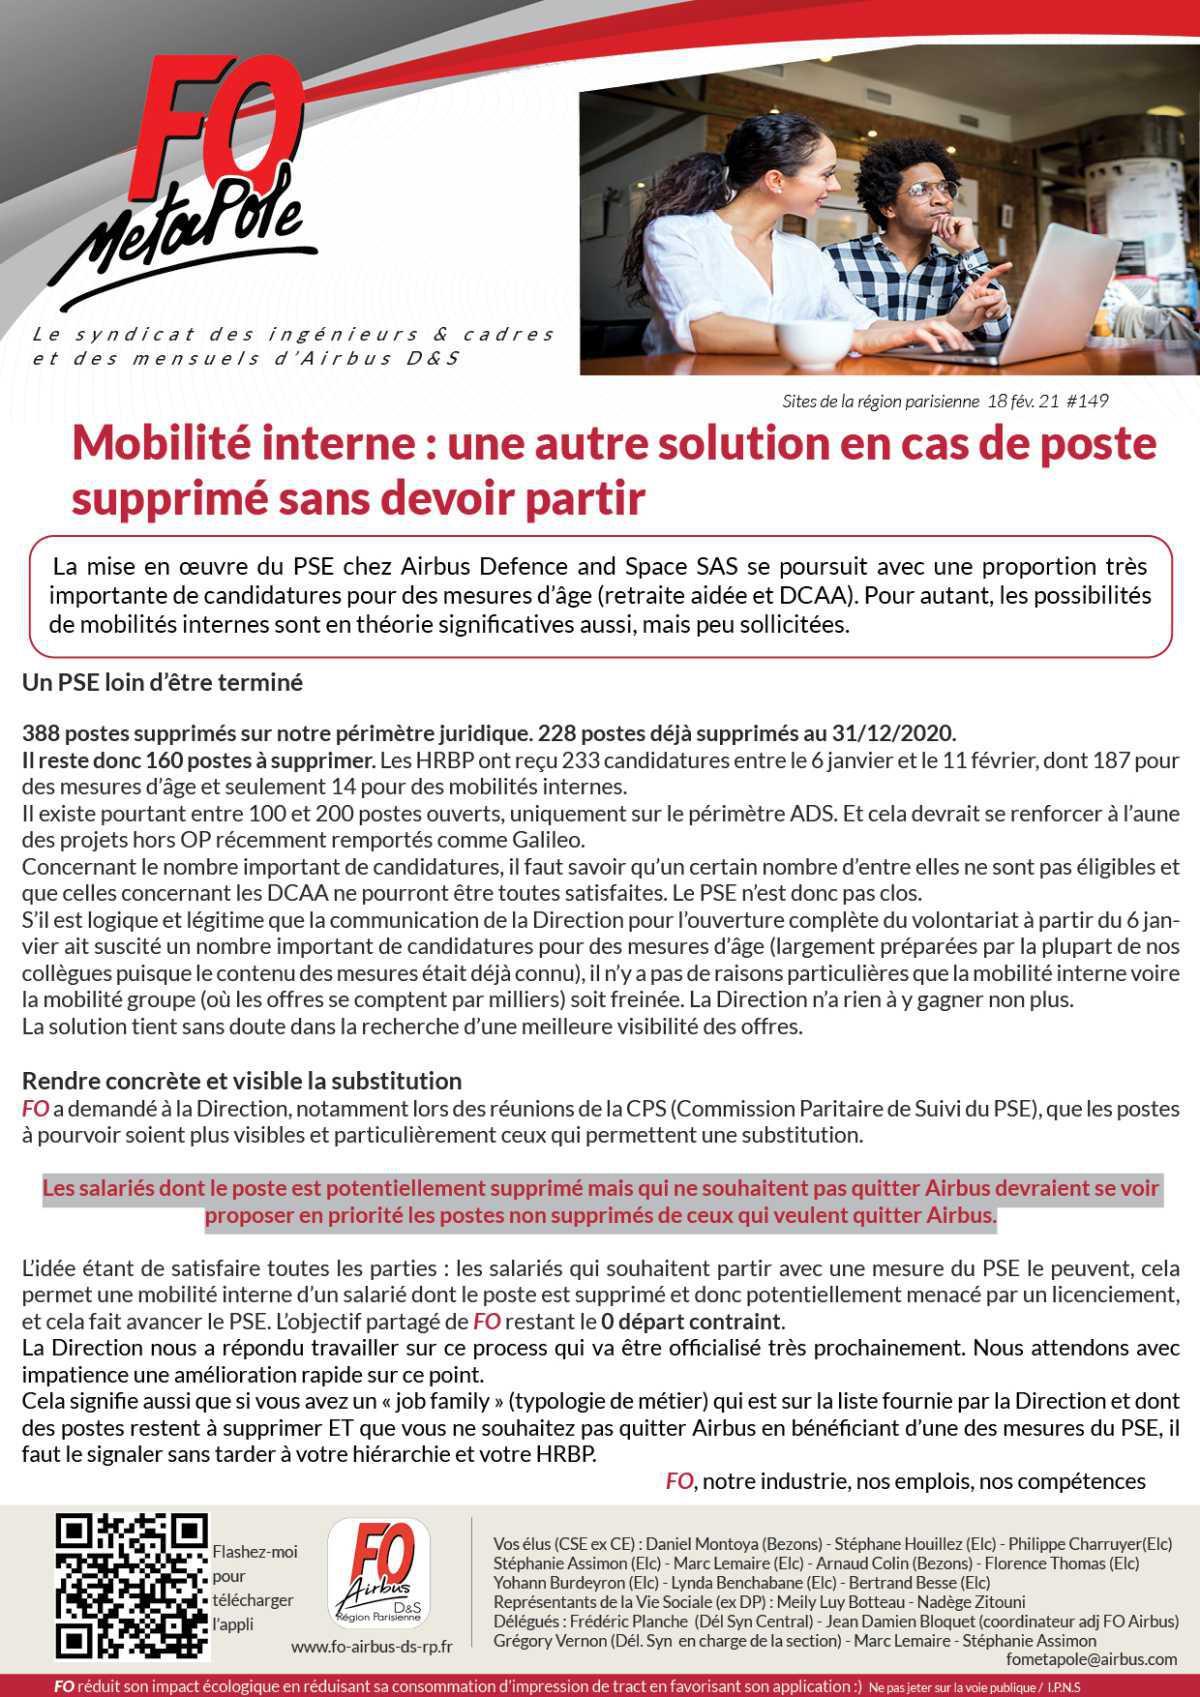 Mobilité interne : une autre solution en cas de poste supprimé sans devoir partir